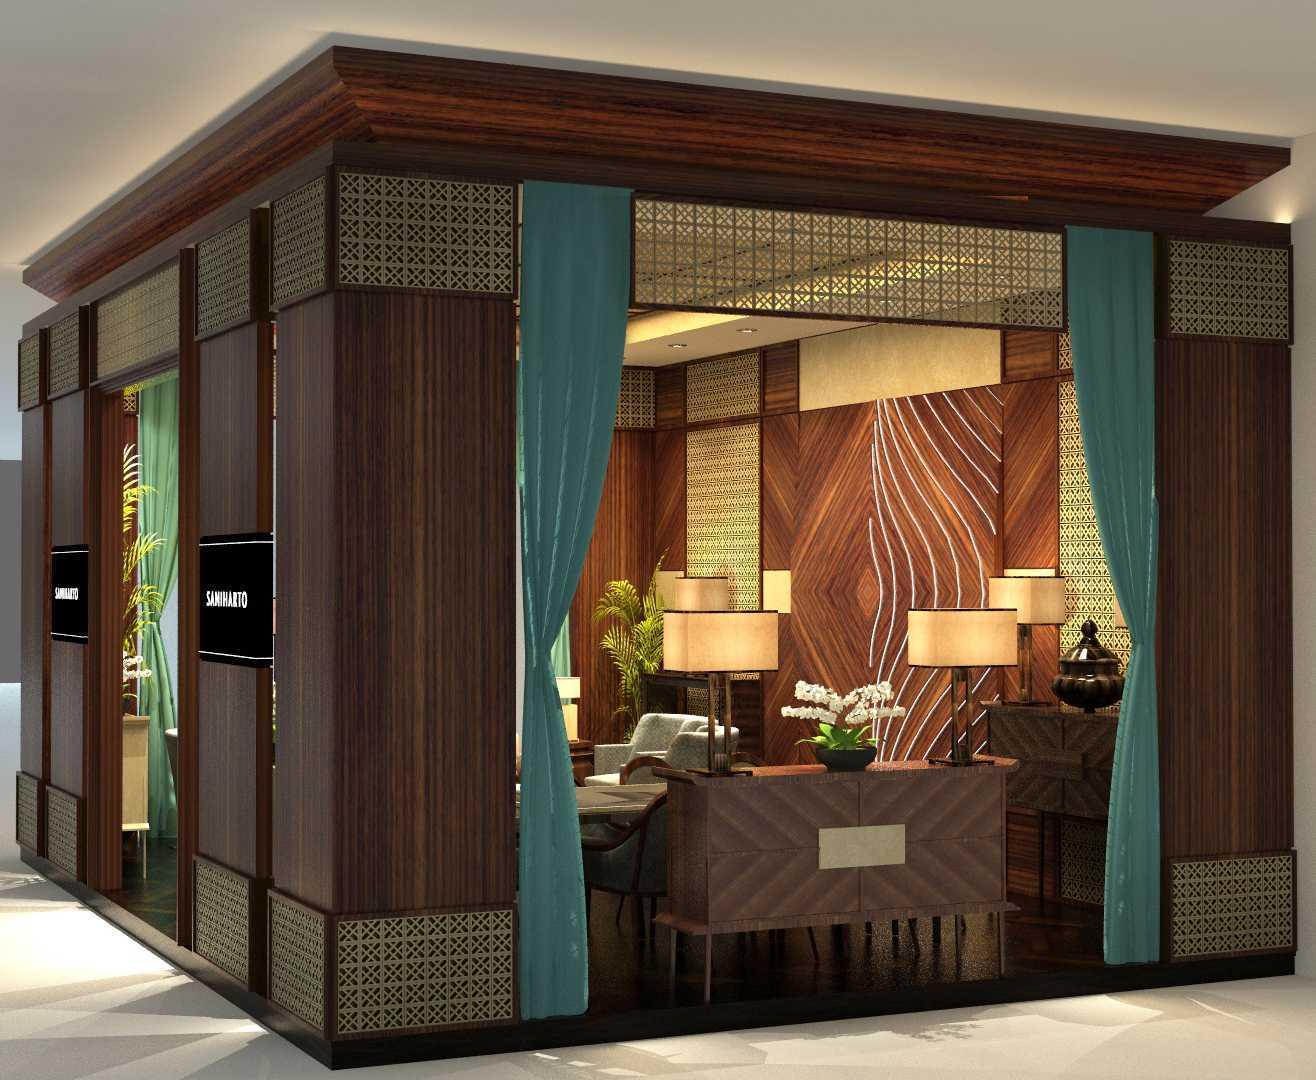 Foto inspirasi ide desain lobby kontemporer Side view oleh VIN•DA•TE di Arsitag